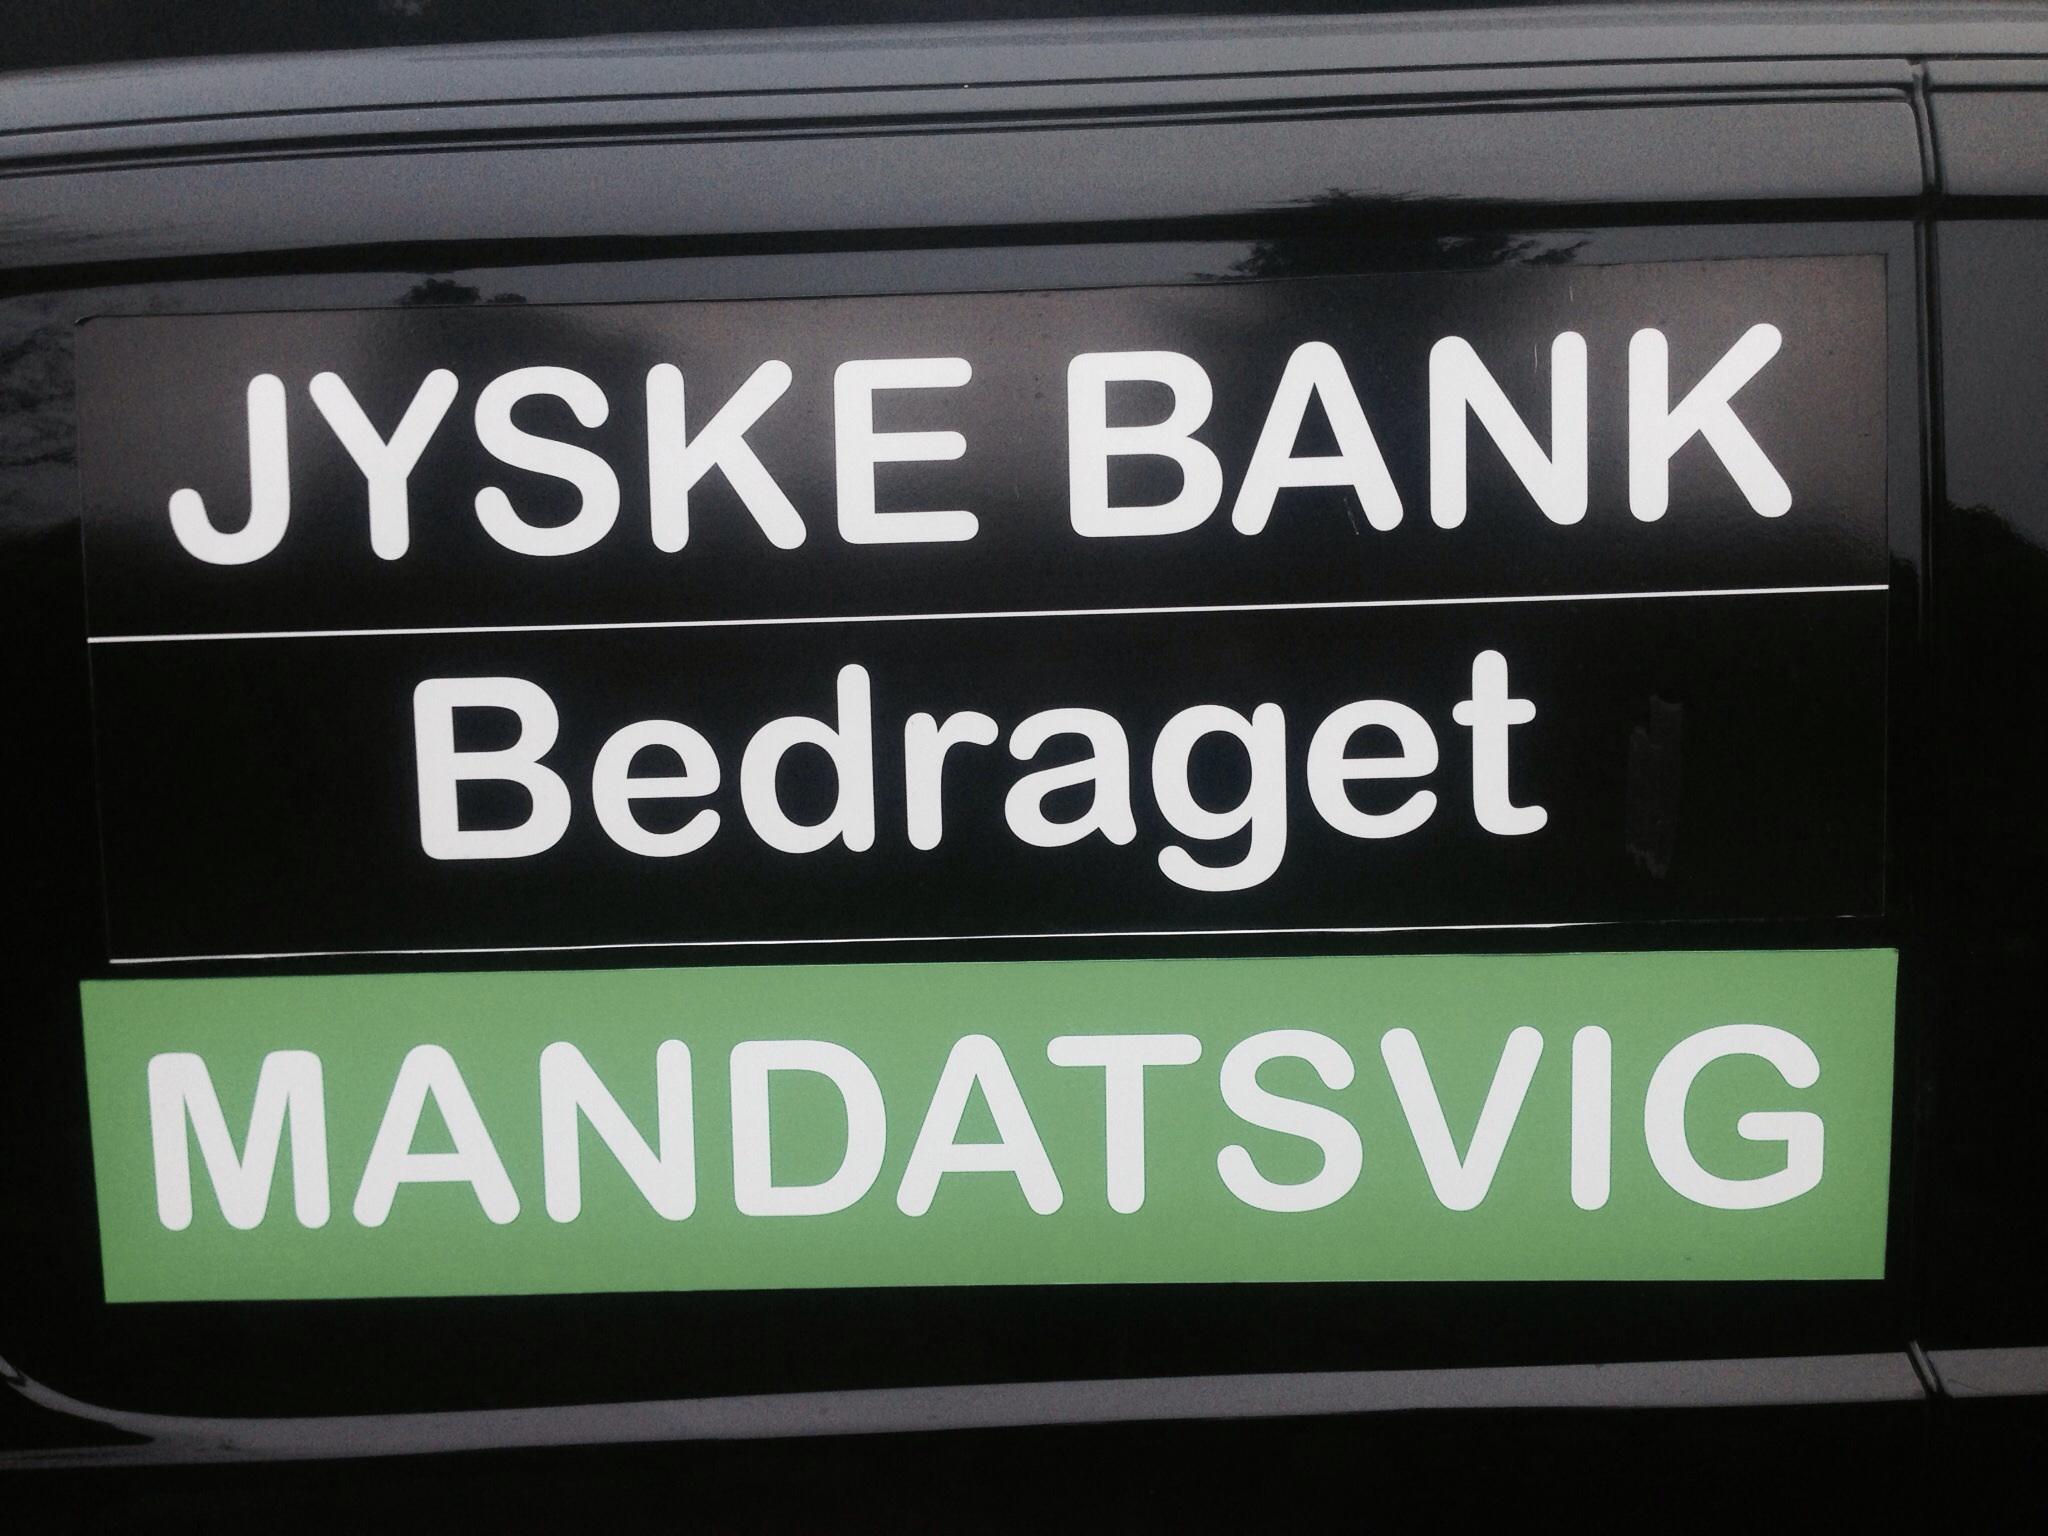 Jyske Banks #advokater Nægter at svare den lille kunde der opdager svindel af kunder i Jyske bank Først #snyder en #jysk bank fra en Helsingør afdeling kunder ved nok #svindel, og #lyver derefter i #retsforhold ved hjælp af #Jyskebanks #advokater :-) Så sender #jyske bank Helsingør afdelingen kunden til #slagteren i #Silkeborg, hvor #slagtermester Sorry mener #inkassomester Birgit Buch Thuesen ra inkasso afdelingen jyske bank klar med #kniven :-) Birgit Buch Thuesen #benægter at jyske bank har #ansvar for noget :-) Birgit Buch Thuesen gik så hårdt til værks at #Bush spærrede alle kunden konti i banken, Alene for at aftvinge kunden de #frivillige underskrifter på flere #salgsfuldmagter og åbnede først kundens adgang til disse spærrede #konti i jyske bank efter kunde underskrev, og det helt frivilligt på 2 salgsfuldmagter, For at sikker jyske Banks interesser, som Birgit Buch Thuesen skræv :-) Birgit Buch Thuesen gjorder meget ud af at det var #frivilligt hun fik underskrævet salgsfuldmagt Både på kundens #private #hus og #ejendom, at spærre kunders konti er jo ikke #tvang mener jyske Bank :-) Ligesom jyske Banks #advokater deriblandt Morten Ulrik Gade der mener alt er som det skal være, og altsammen er kundens egen skyld, jyske bank har intet gjort galt og jyske bank har intet ansvar. :-) Lige da som jyske bank Casper Dam Olsen og Nicolai Hansen løbende stillede støre og støre krav om at få sikkerheder, for det falske lån og falske rentebytte af det falske lån, håber du kan følge med, for der er meget lort i sagen her :-) #Jyskebank fortsætter #Udnyttelse og #vildledning For til sidst at kræve pant i hele virksomheden og alt virksomheden ejede Dette ved vi i dag at bedrageriet og svindlen mod kunder i jysk bank, er sket gennem #VILDLEDING og #TVANG :-) Men er det forkert skal jyske bank jo bare tale med kunden, og så sletter vi det som måtte være skrevet forkert Men kærer jyske bank, i kunne jo bare svare istedet for at udnytte jeres magt og penge til at fortsætte me